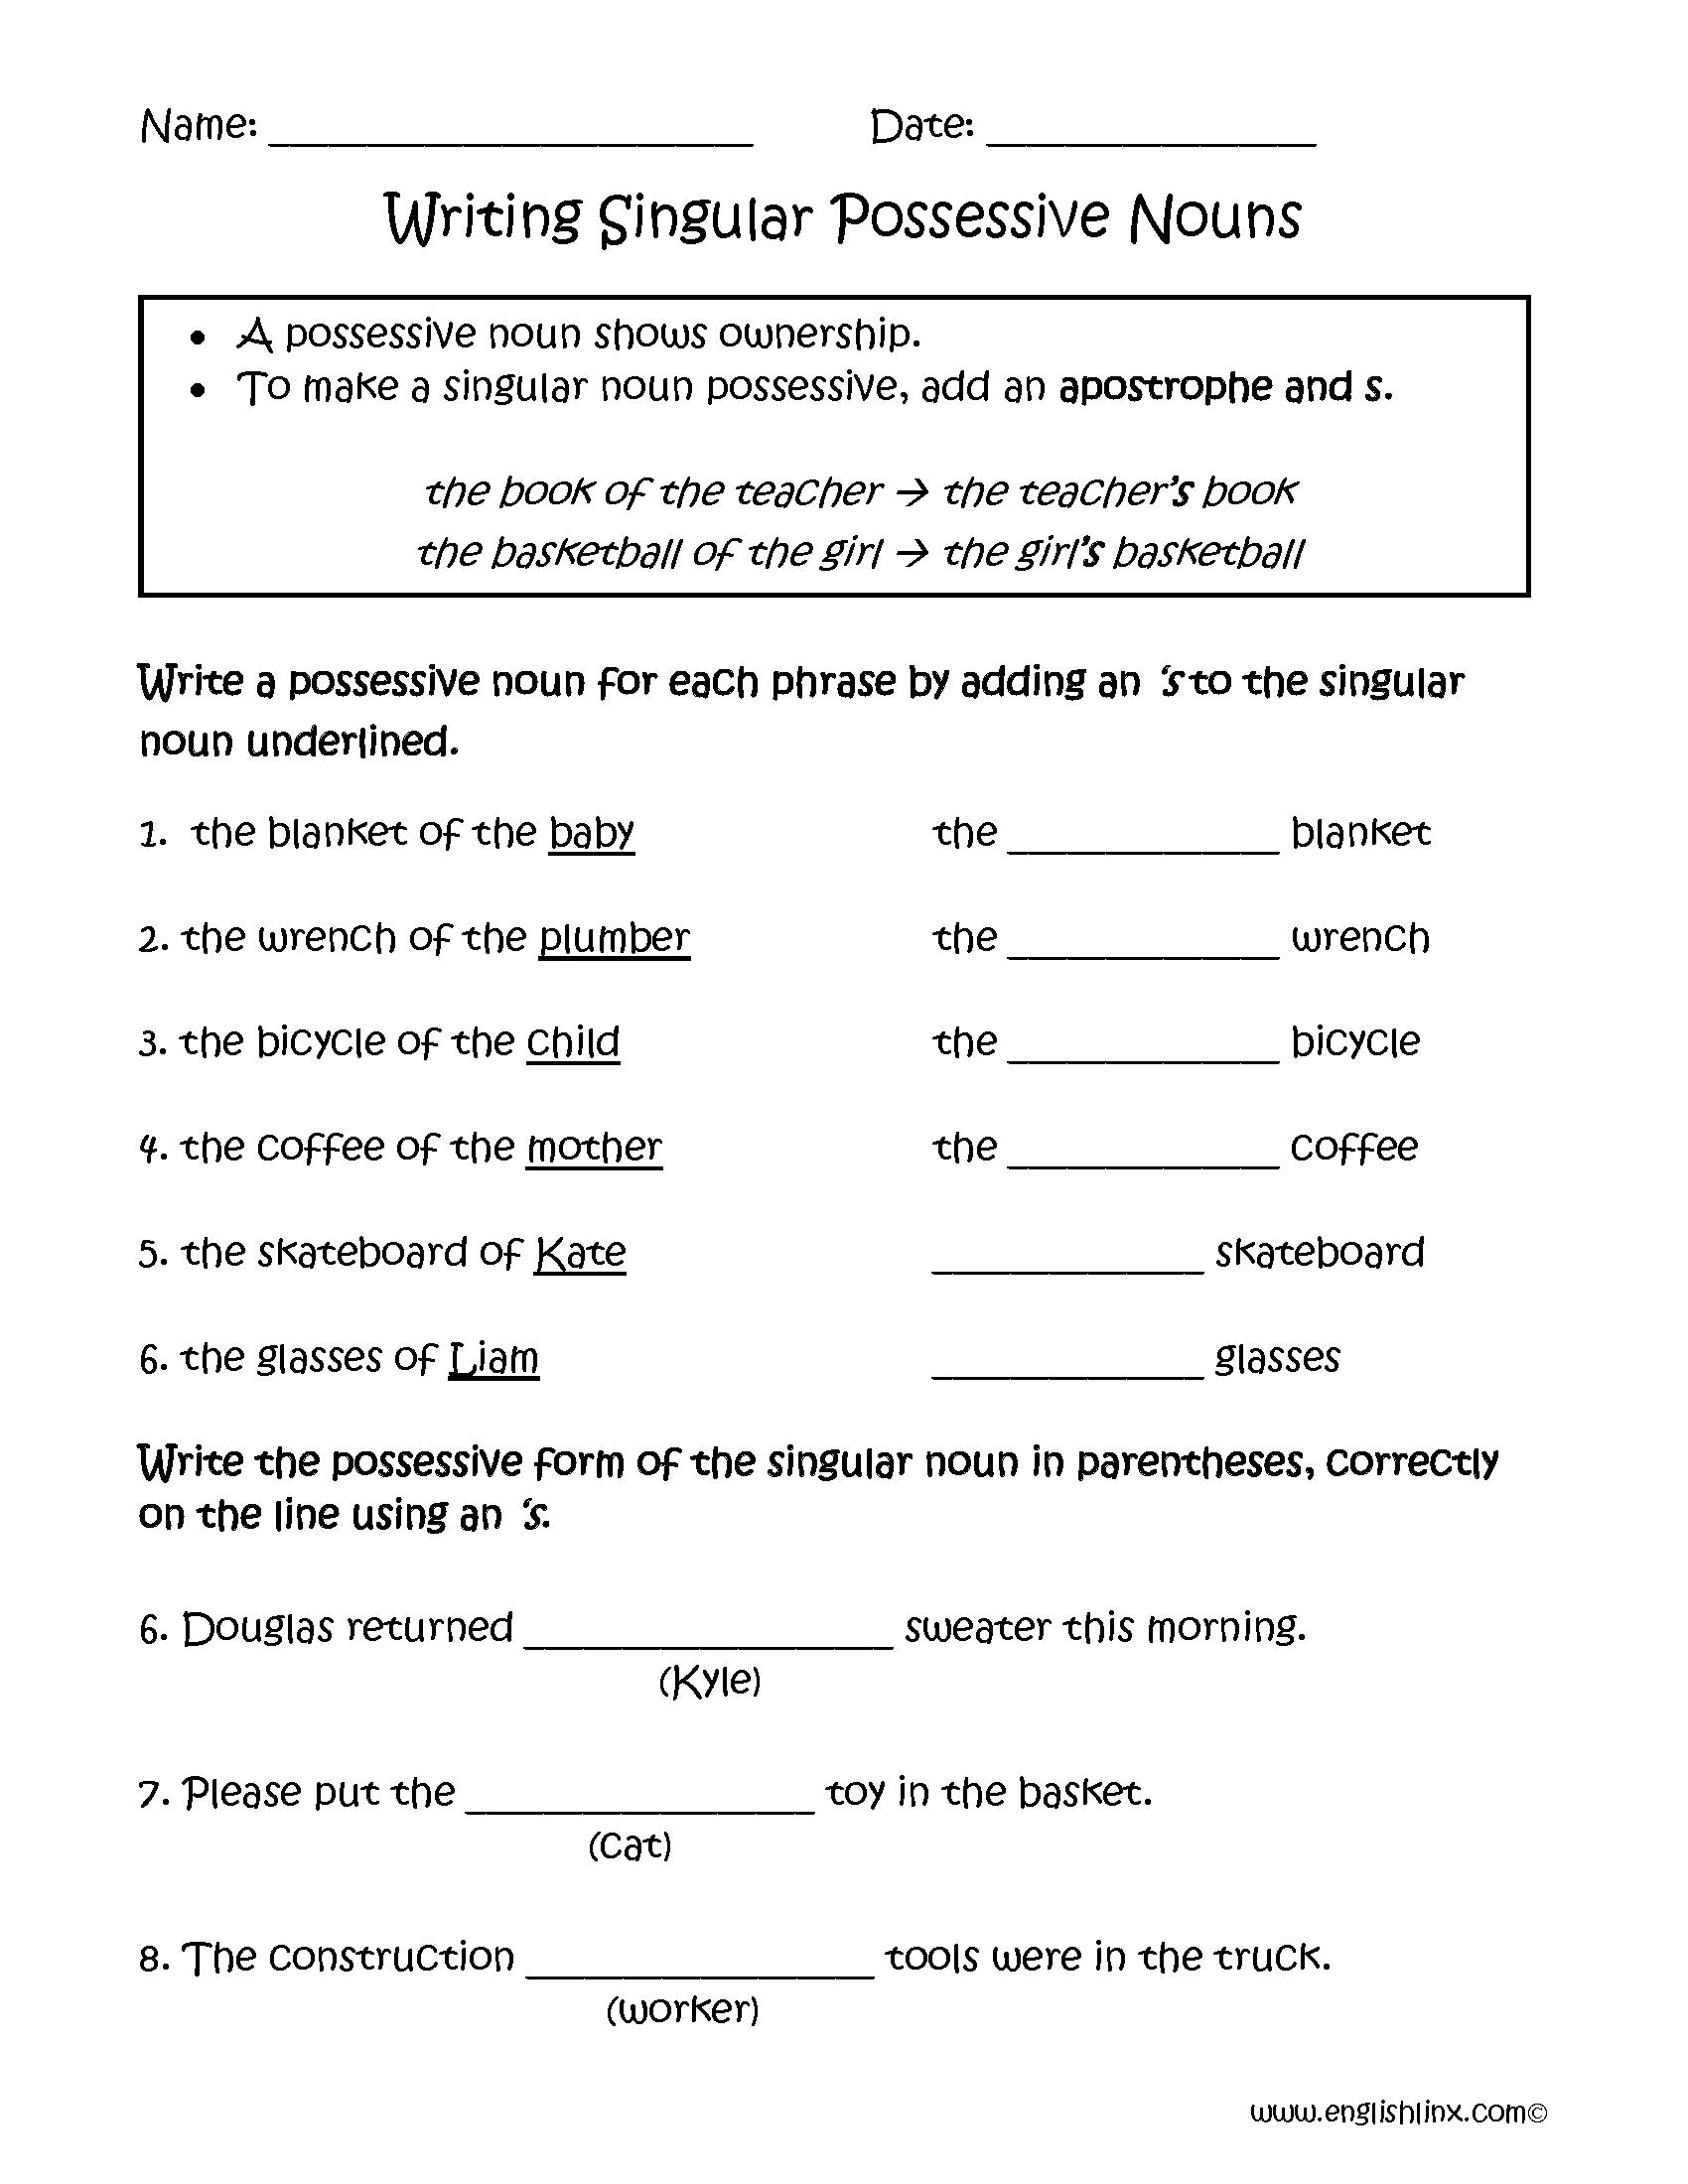 Writing Singular Possessive Nouns Worksheets